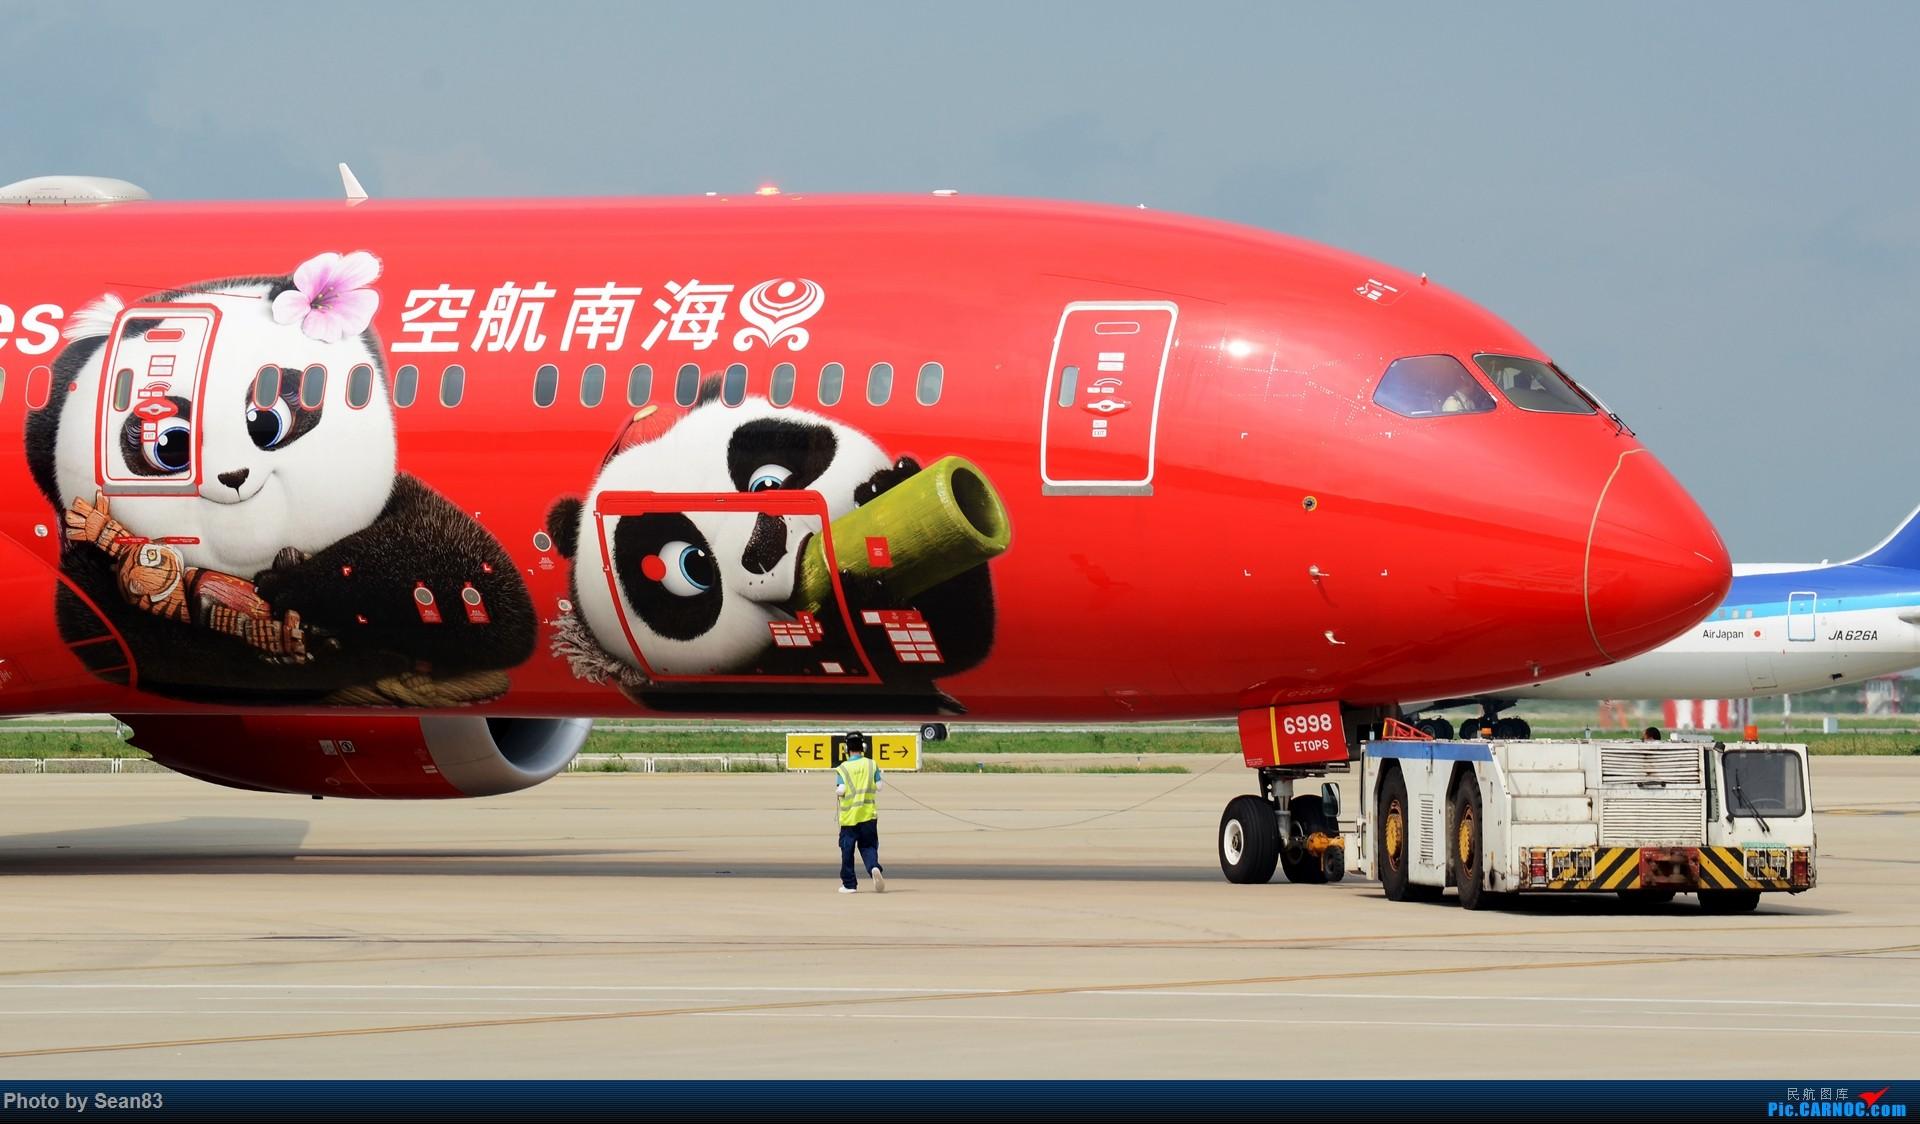 Re:[原创](1920*1080)放出一组壁纸 BOEING 787-9 B-6998 上海浦东国际机场